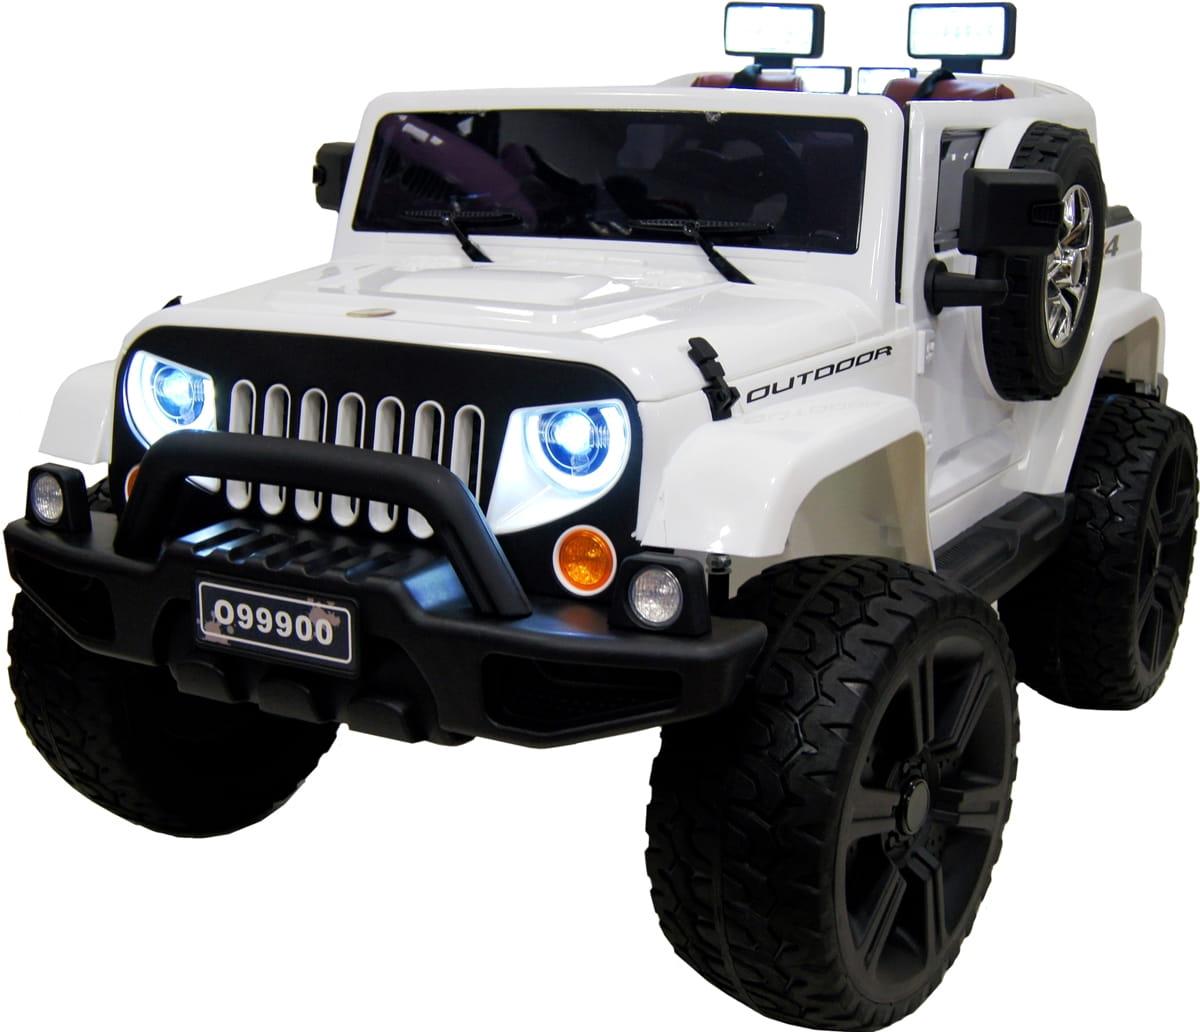 Электромобиль River Toys Jeep Wrangler O999OO с дистанционным управлением